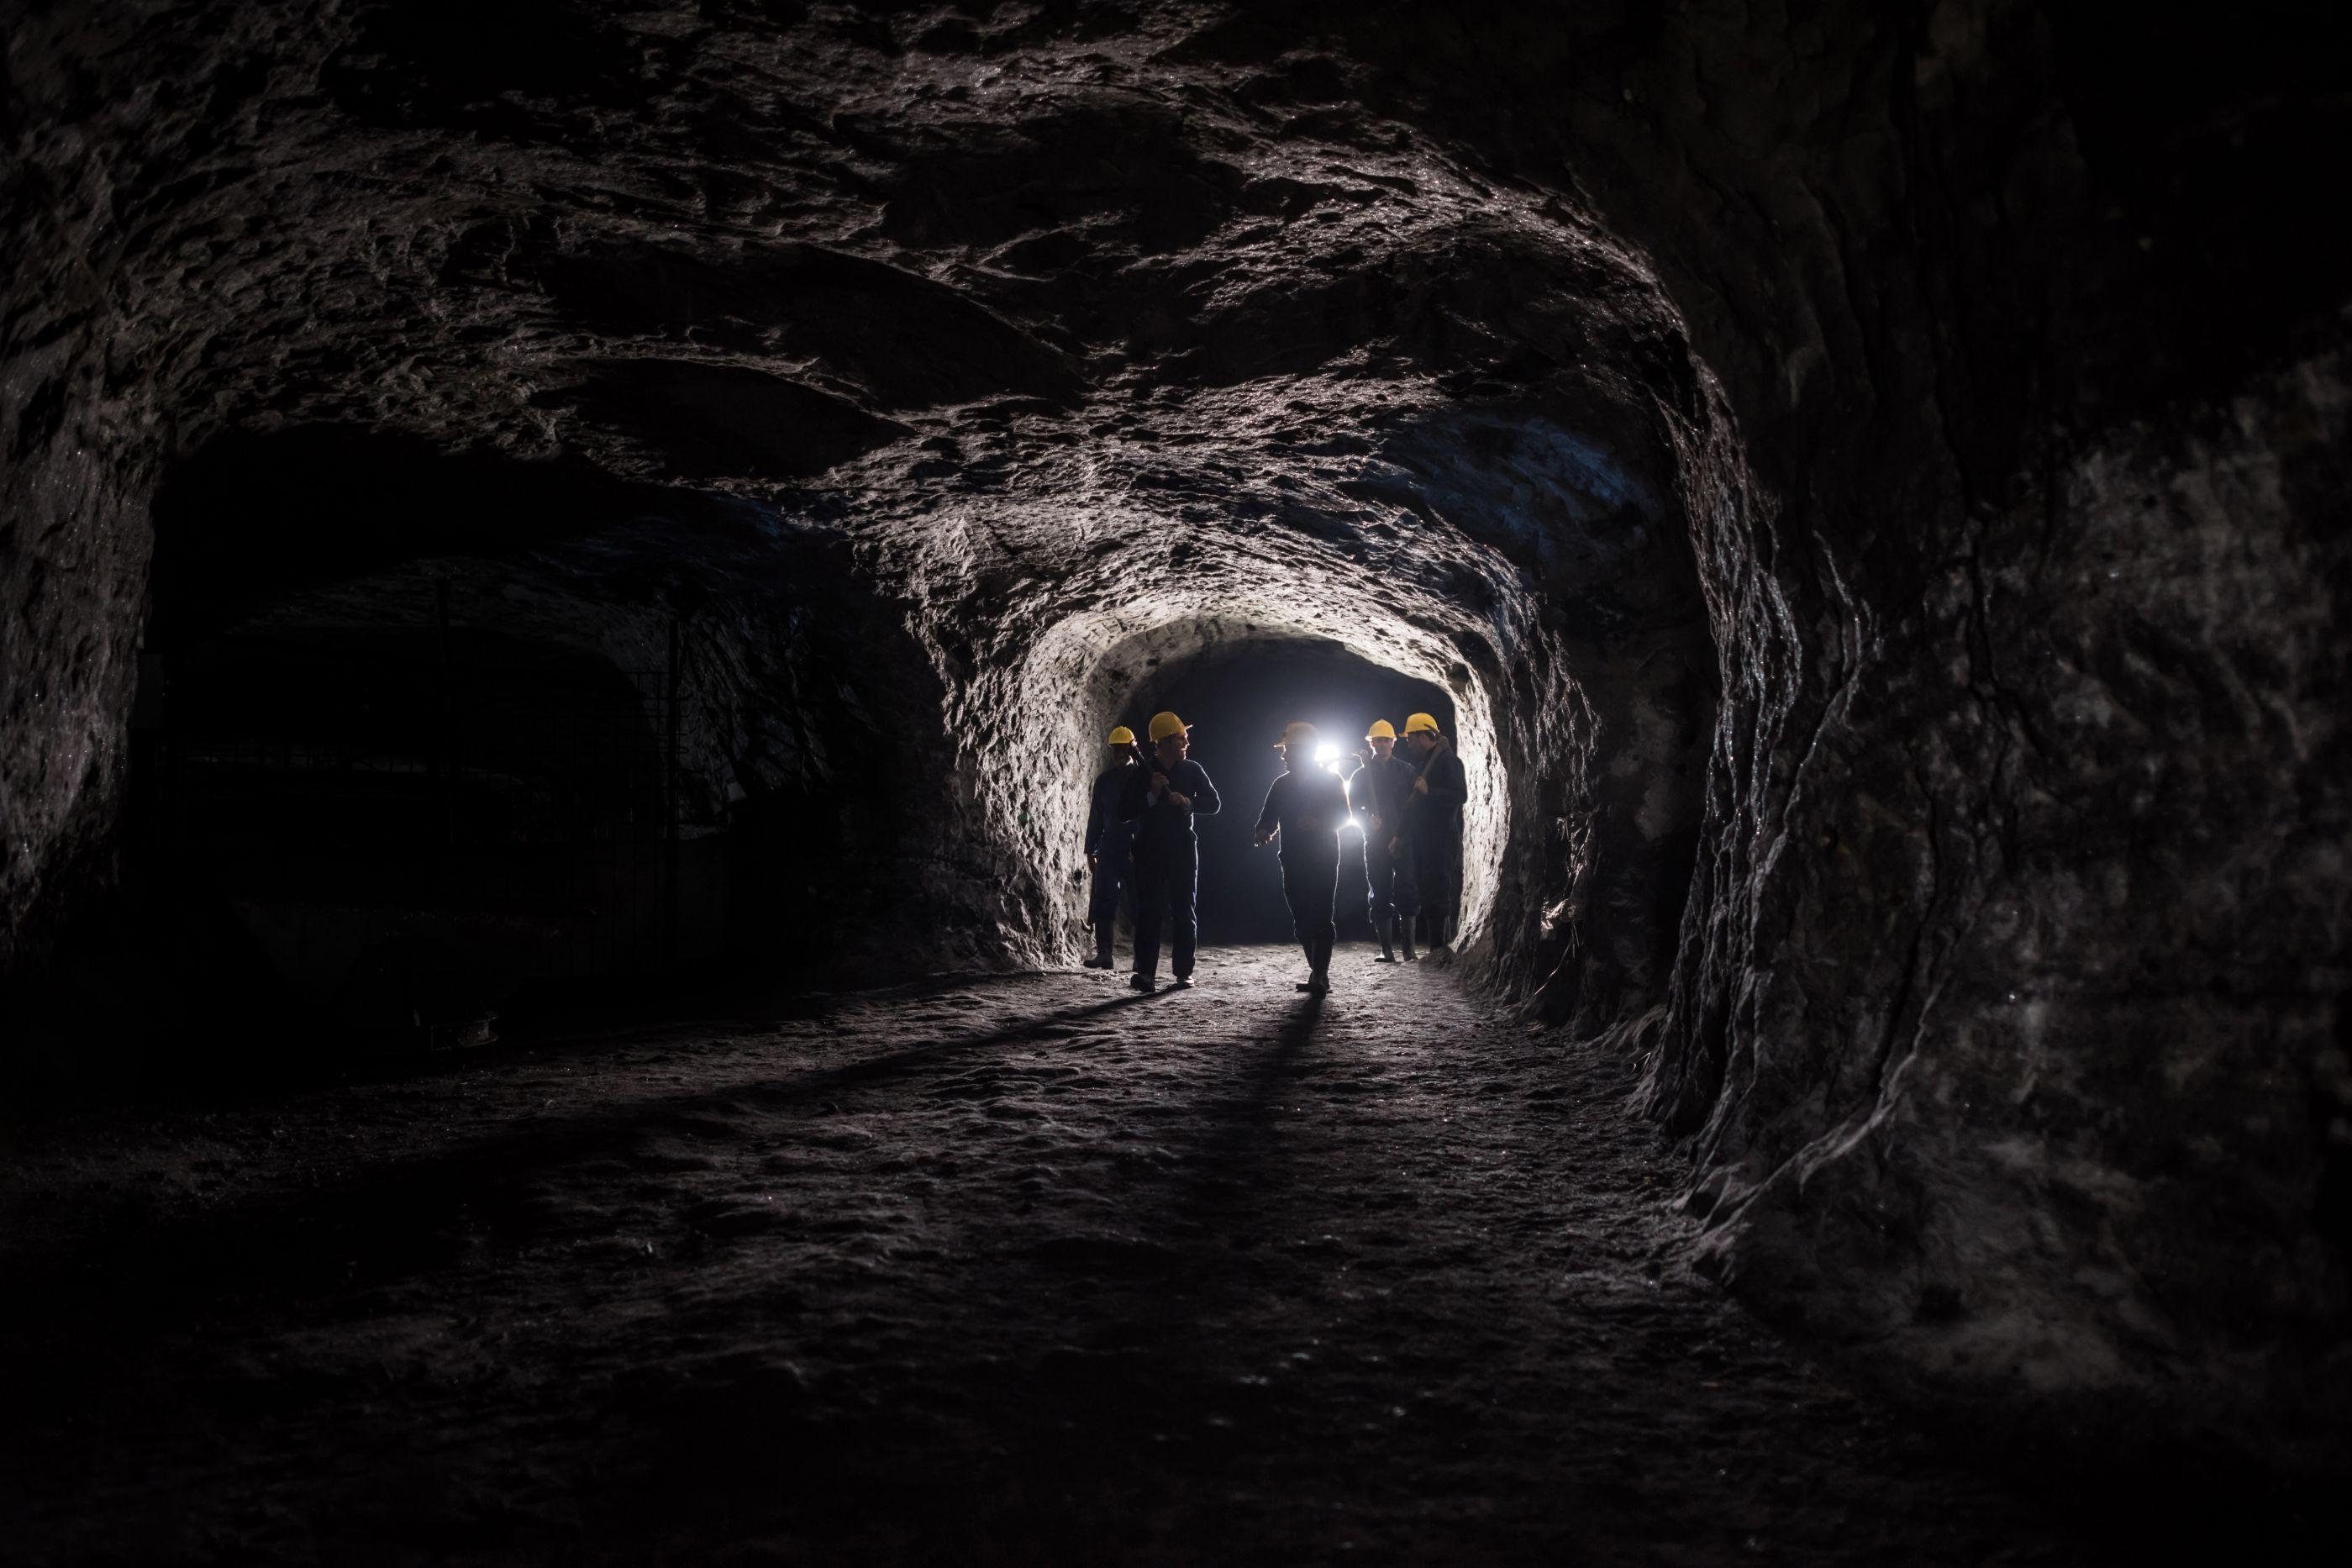 Nove pessoas ficam presas em mina após incêndio na Rússia